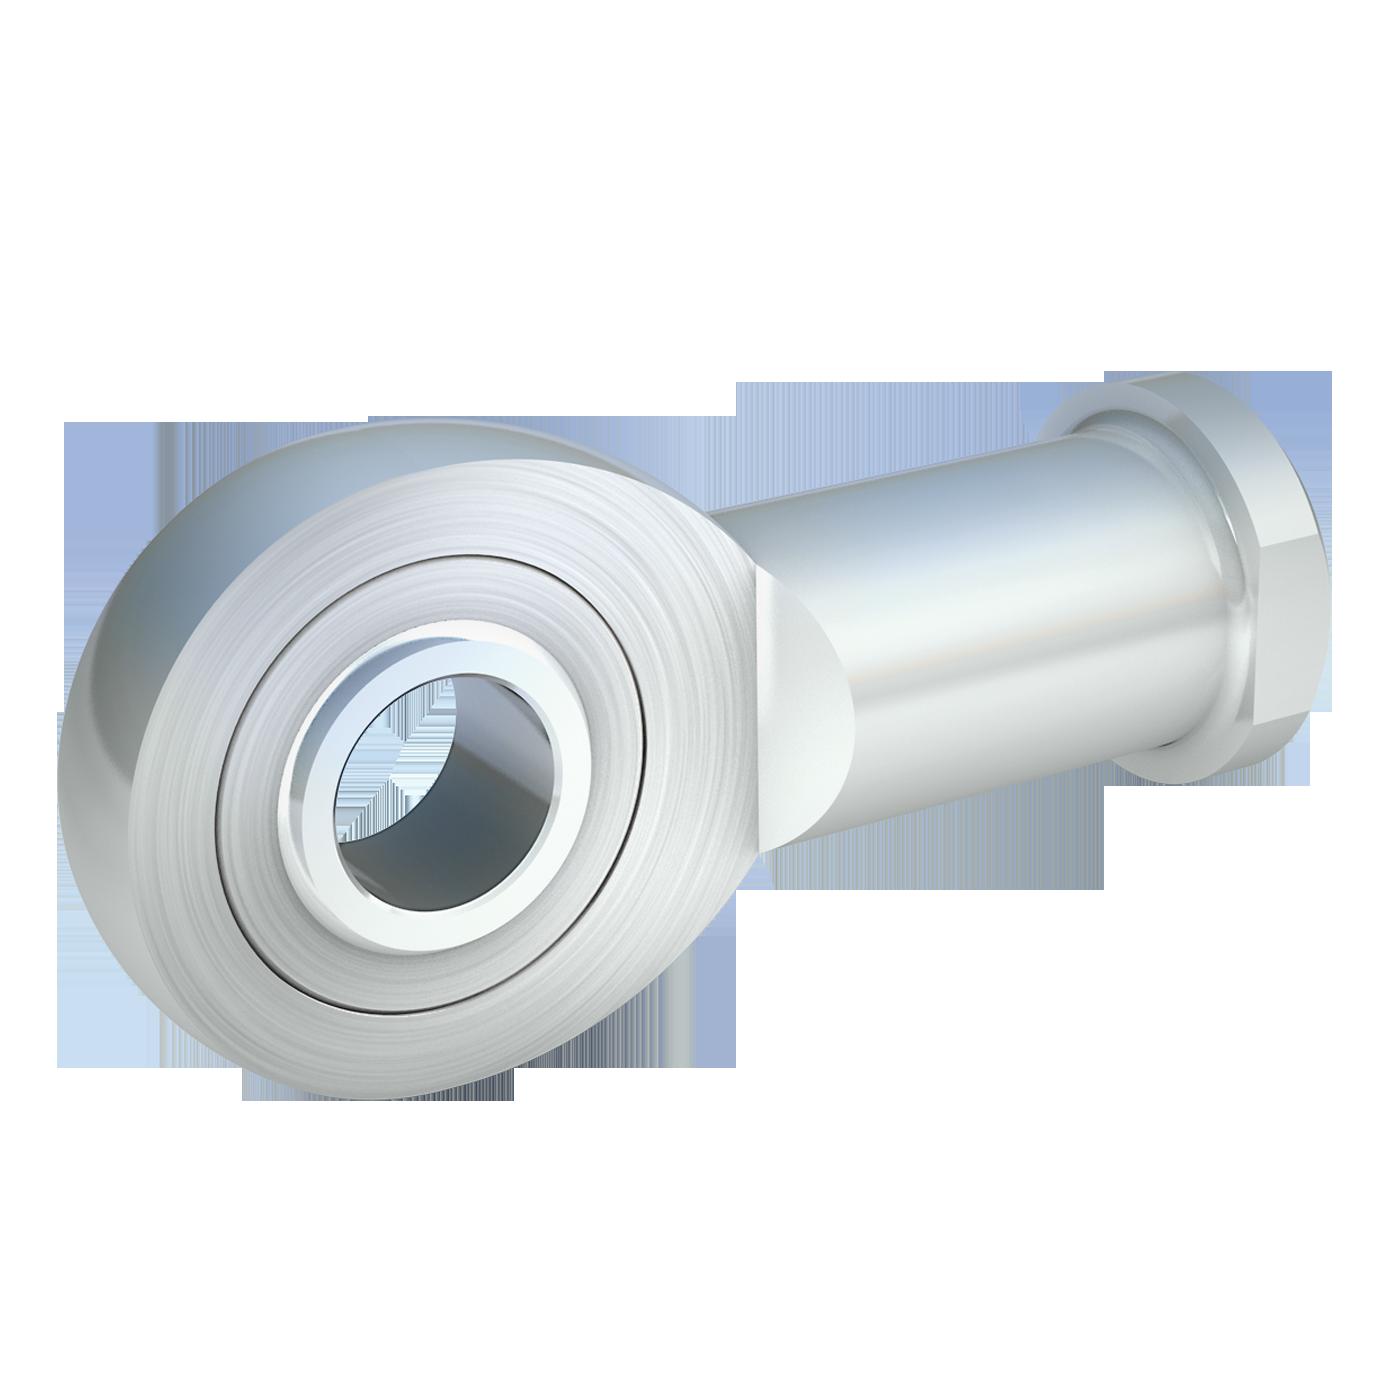 Gelenkköpfe der schmalen Maßreihe E, sind nach DIN ISO 12240-4 (DIN 648). Dieser Gelenkkopf mit Innengewinde von mbo Oßwald ist wartungsfrei und aus Stahl verzinkt.